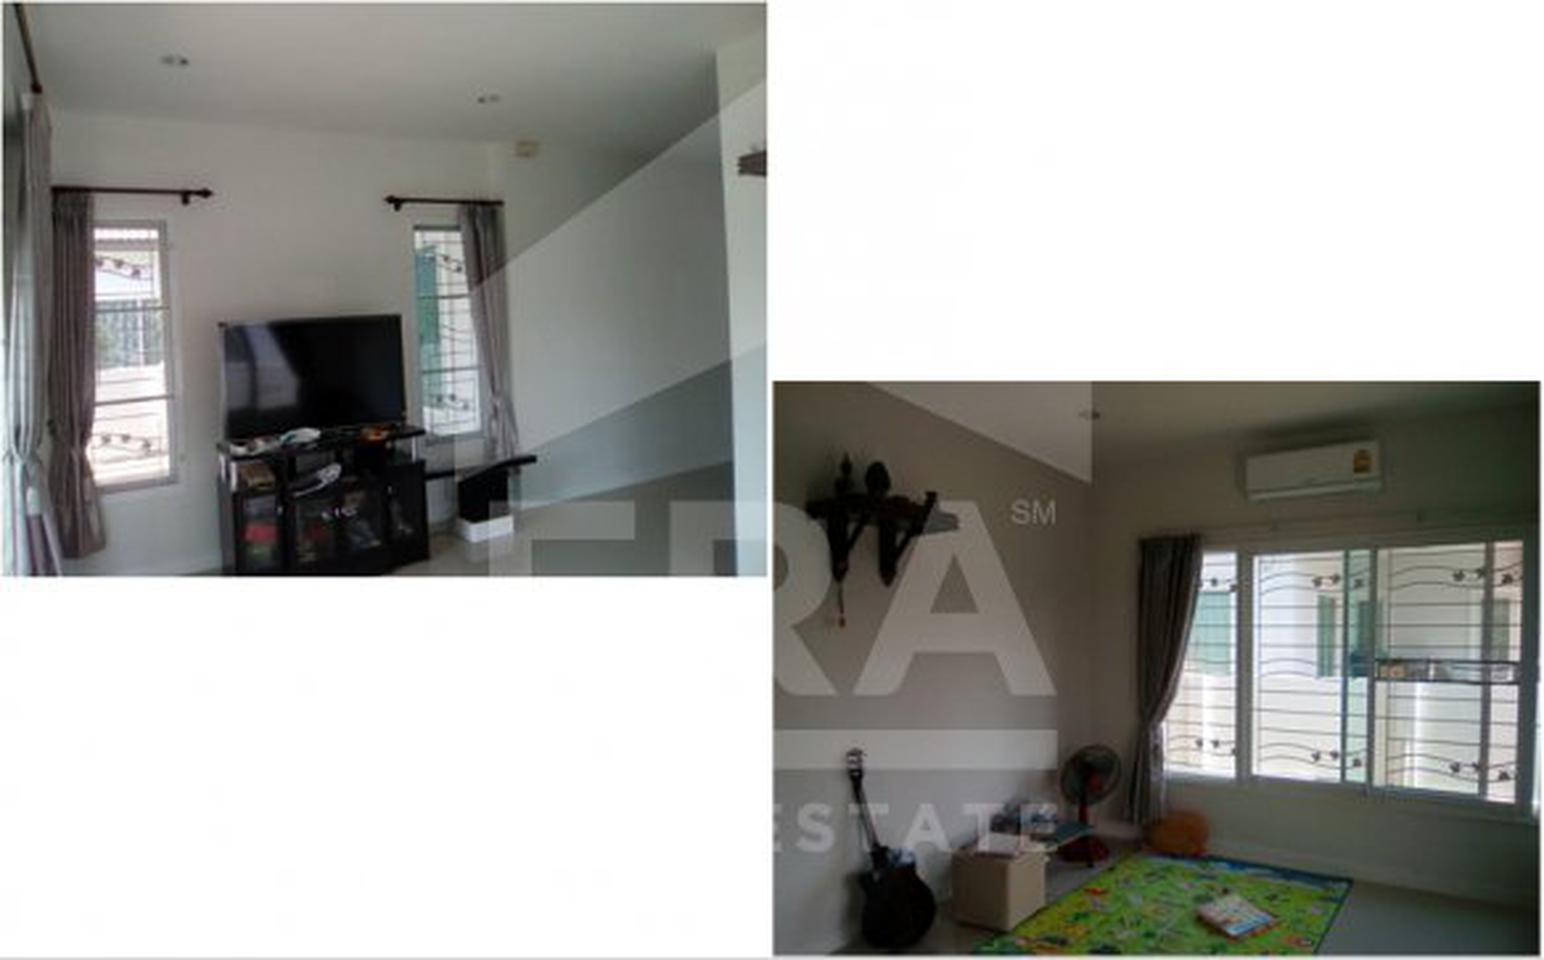 บ้านเดี่ยว ชั้นเดียว 52.5 ตร.ว. โครงการการ์เด้นวิลล่า2 น่าอยู่อาศัย โครงการอยู่ติดถนน เดินทางสะดวก รูปที่ 4